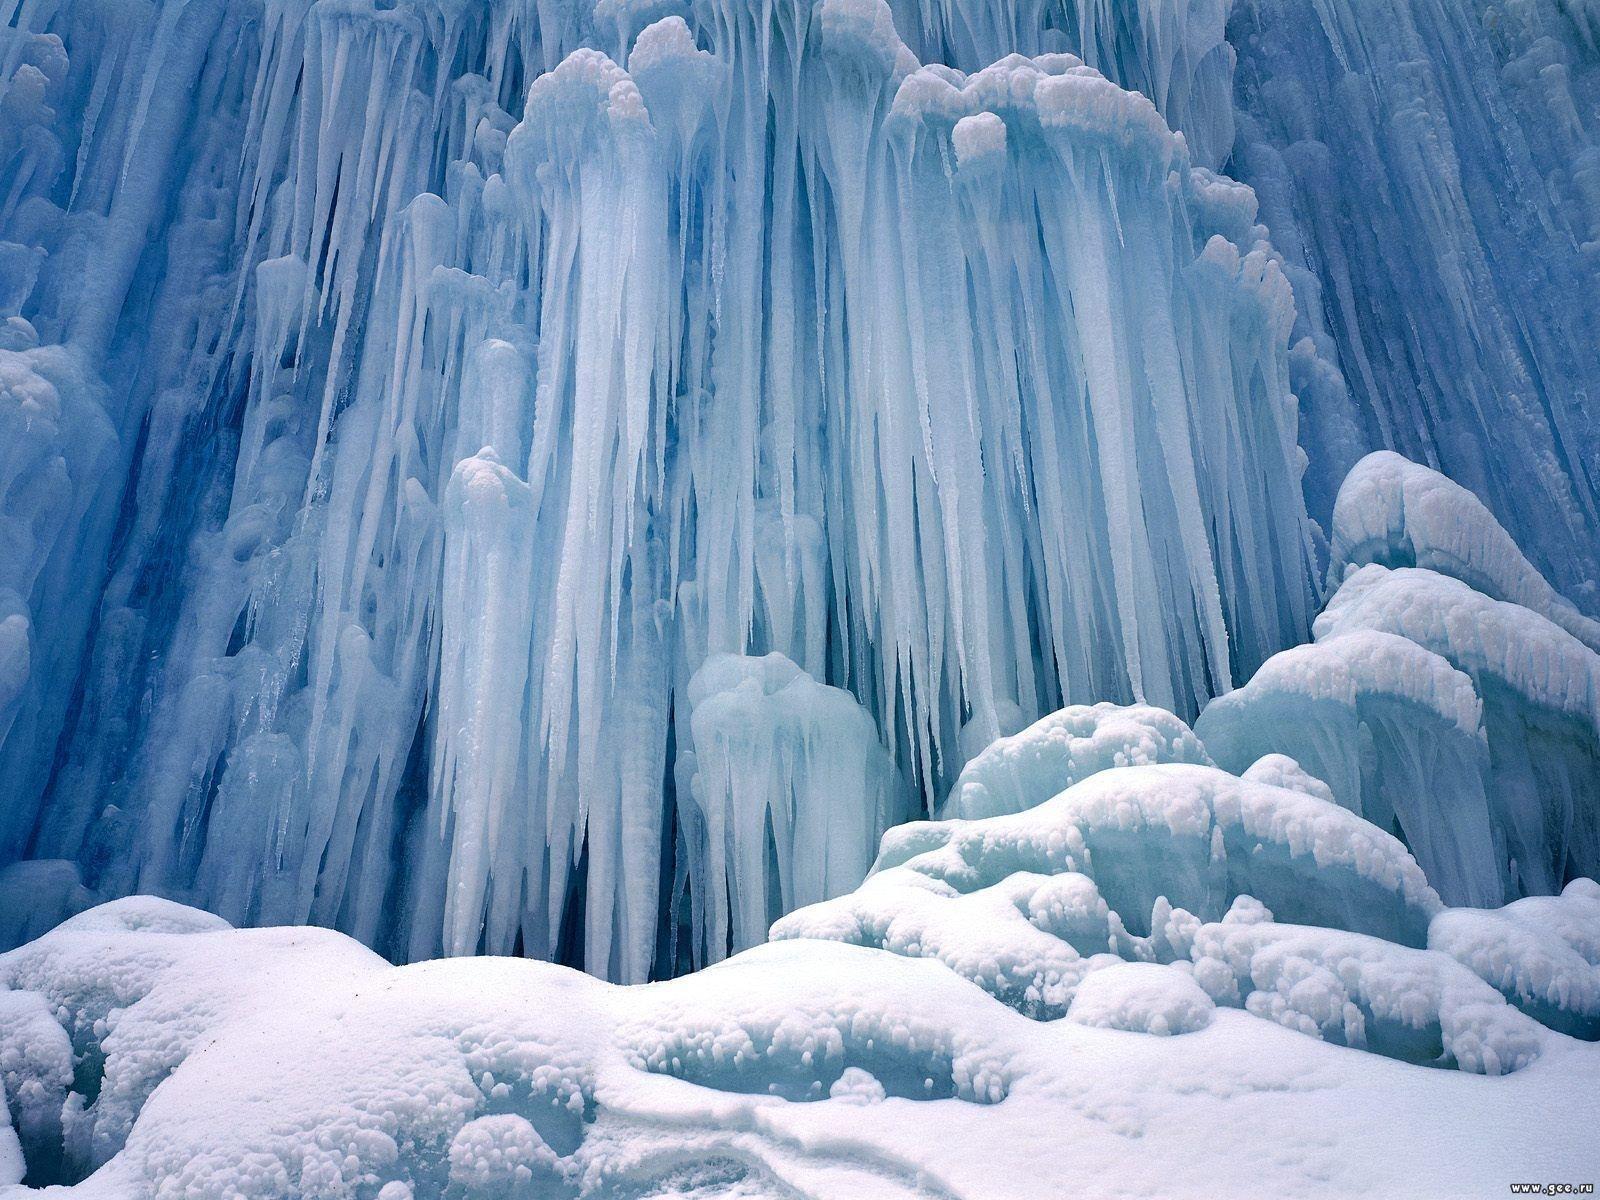 Wallpaper ไหนว่าปีนี้จะหนาวสุดในรอบ 30 ปี 50 Pic 182616-frederika